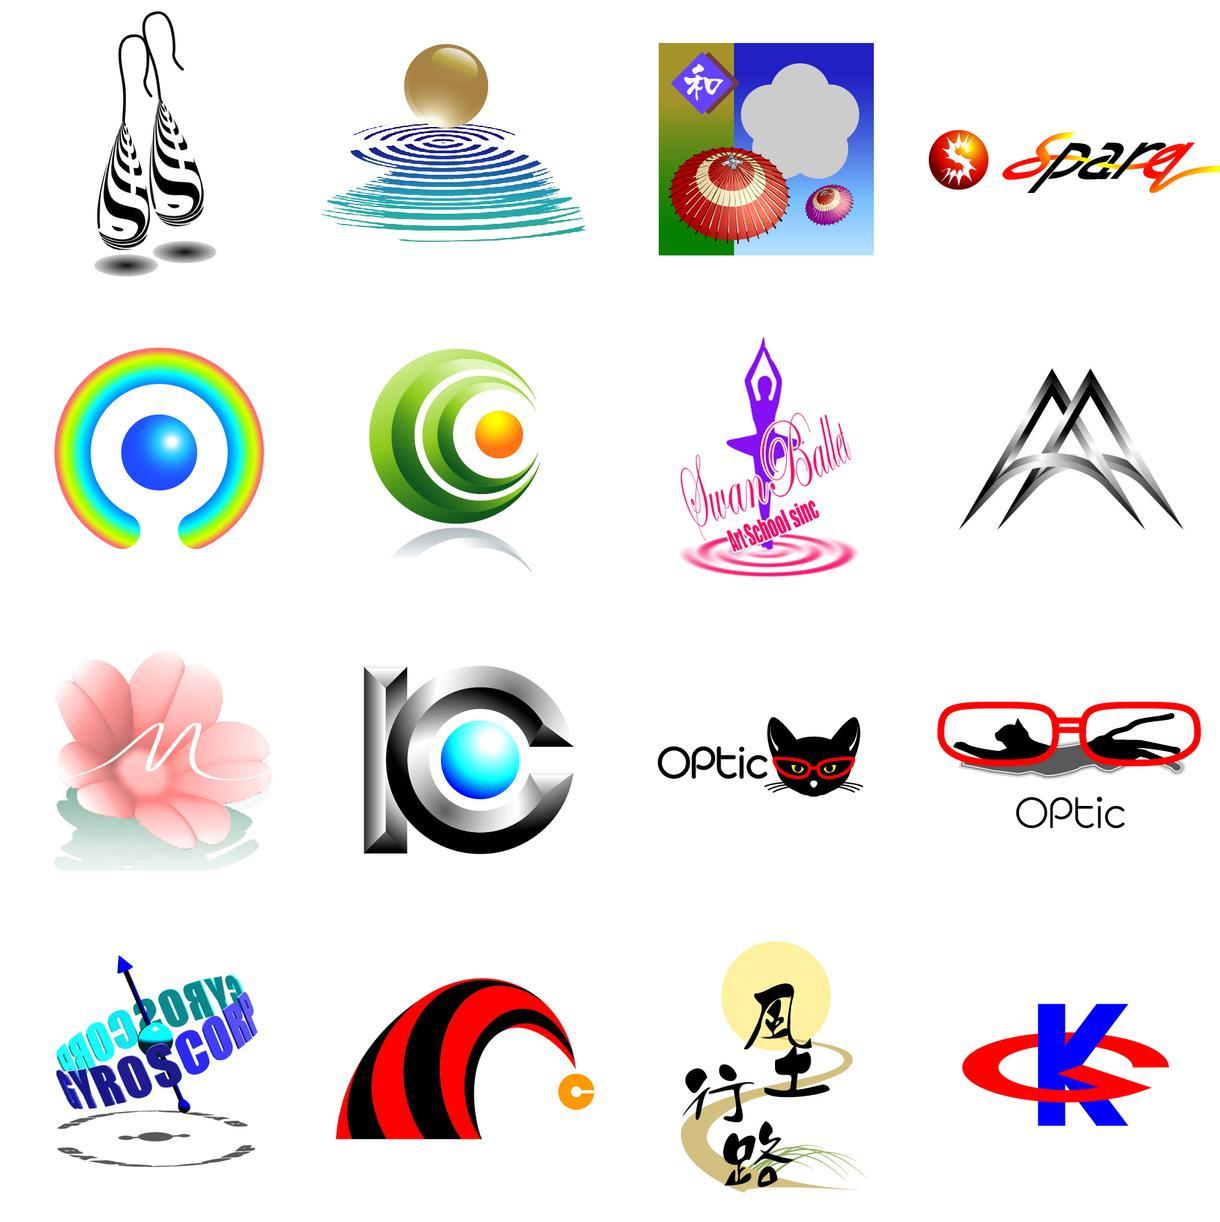 ロゴの仕上げ(清書)をいたします 自分のアイディアでロゴを作りたい方へ、高品質に仕上げます。